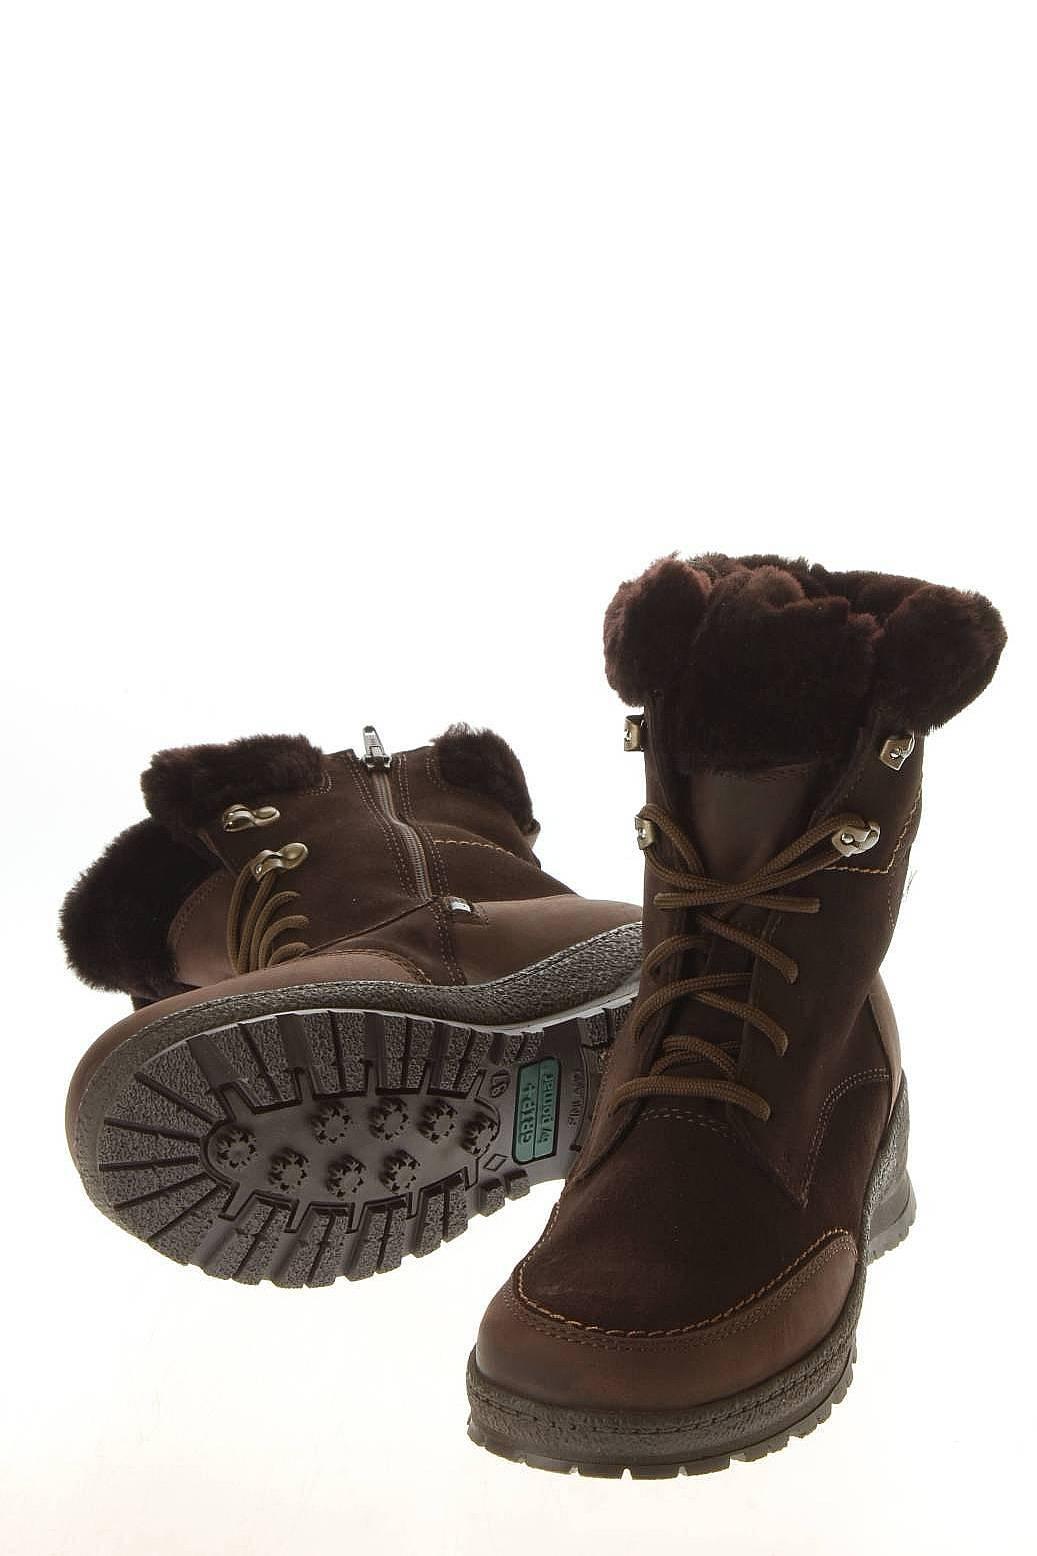 Мужская Обувь Детская Обувь Женская Обувь Ботинки, Ботильоны: Pamar Обувь